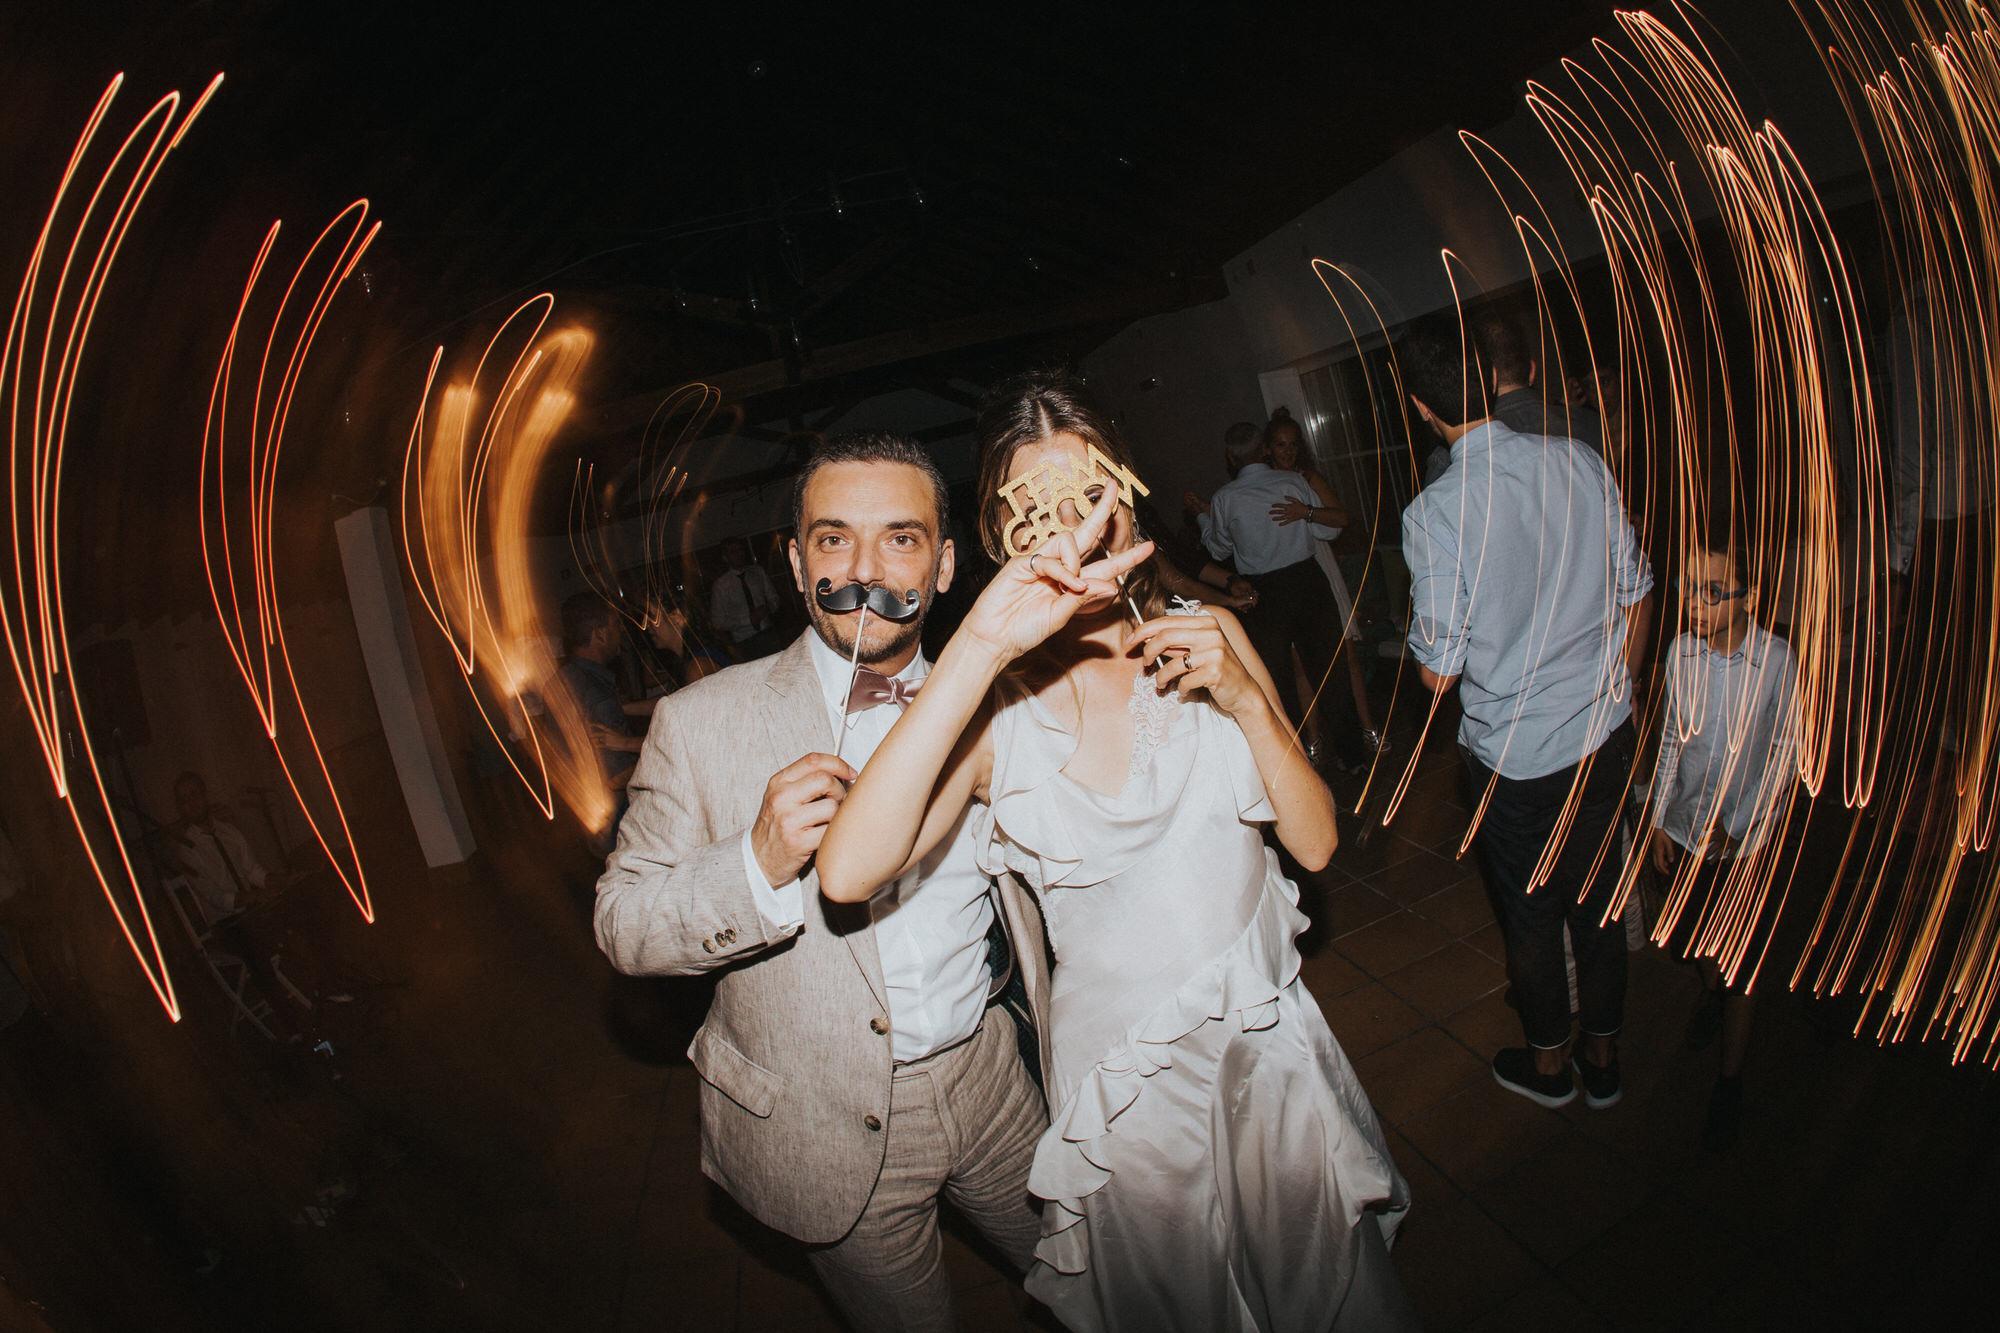 Filipe Santiago Fotografia-fotografo-malveira-lisboa-cascais-mafra-melhores-reportagem-wedding-photography-portugal-lisbon-best-natural-casamentos-lifestyle-bride-ideias-rustic-boho-hair-mackup-damas-preparativos-preparations-bridemaids-dress-shoes-bouquet-trends-church-cerimony-saida-igreja-dicas-session-welcome-best-venue-quinta-monte-redondo-melhores quintas-decor-decoração-night-lights-dance-music-noite-segunda-cortina